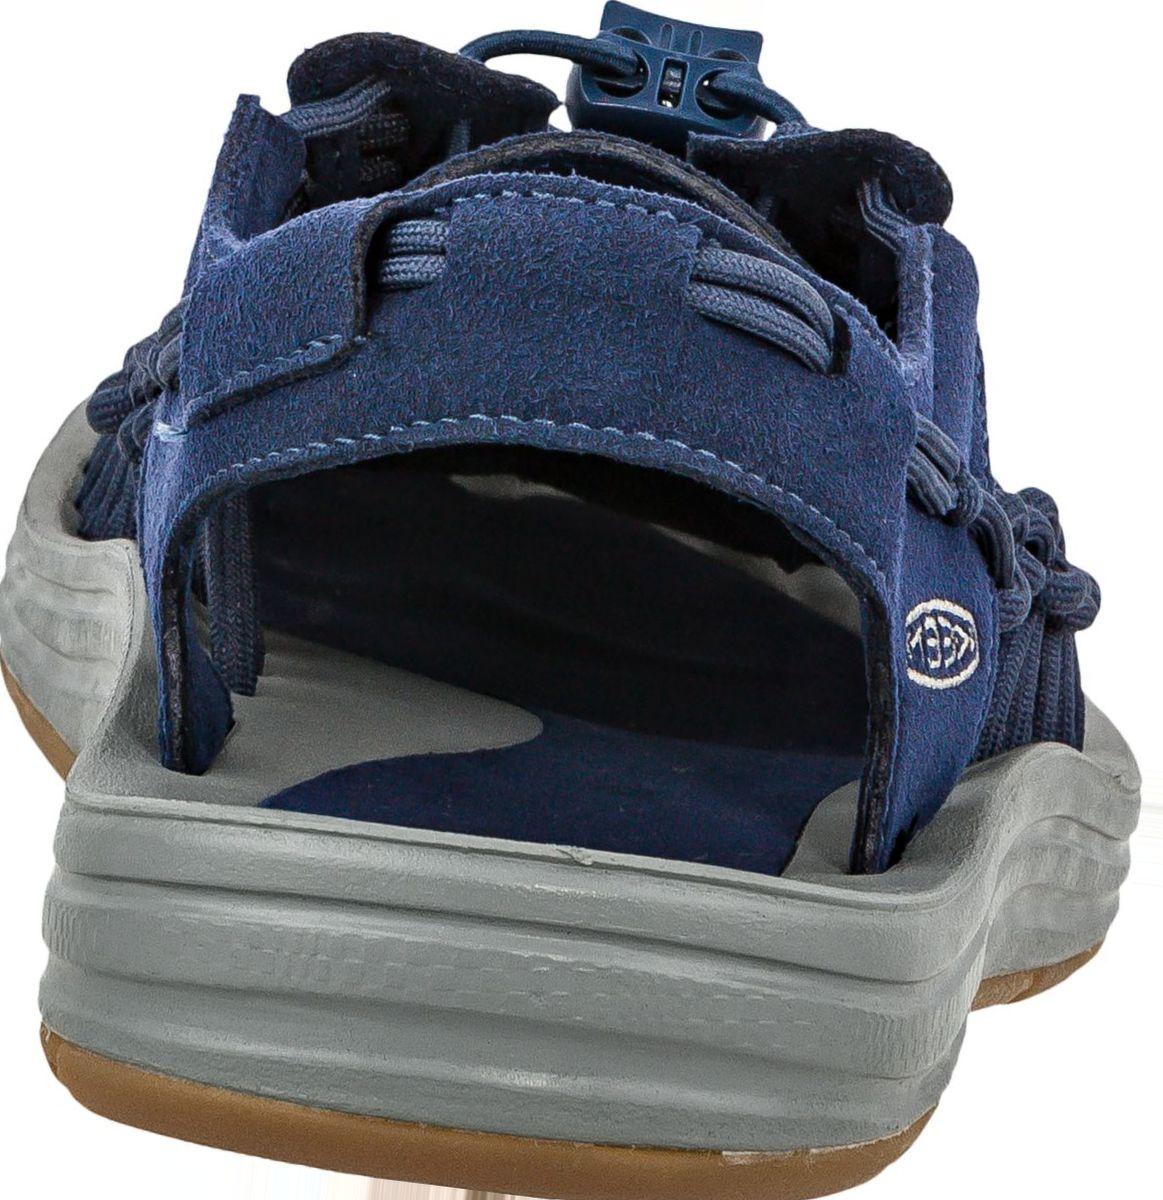 Keen™ Men's Uneek Sandals